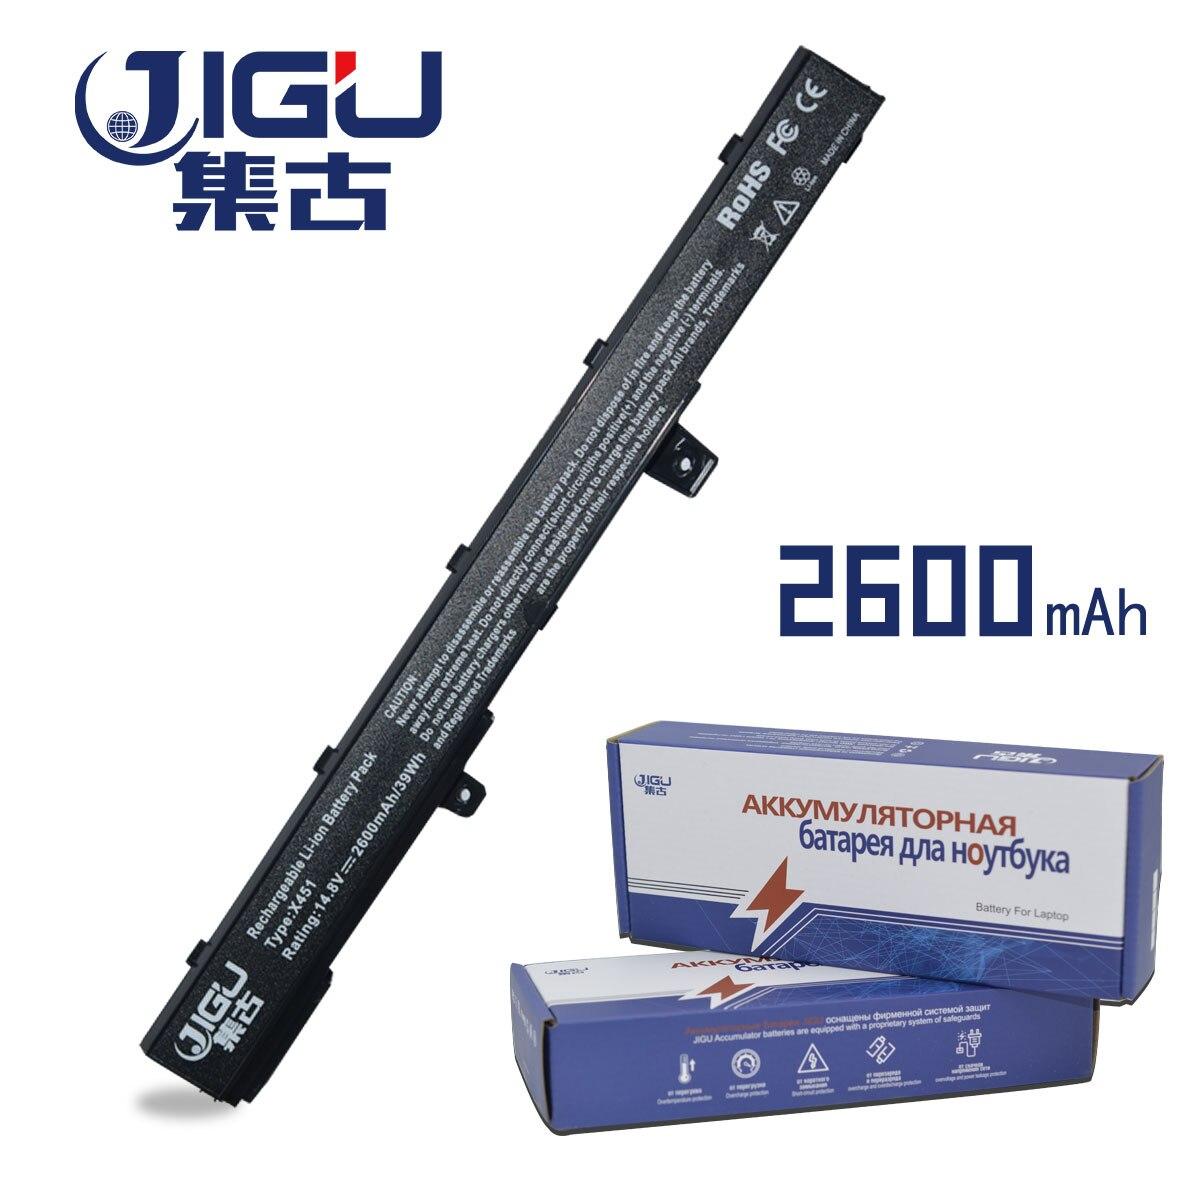 JIGU 14.8V Laptop Battery A41N1308 A31N1319 0B110-00250100 For Asus X451 X551 X451C X451CA X551C X551CA Series